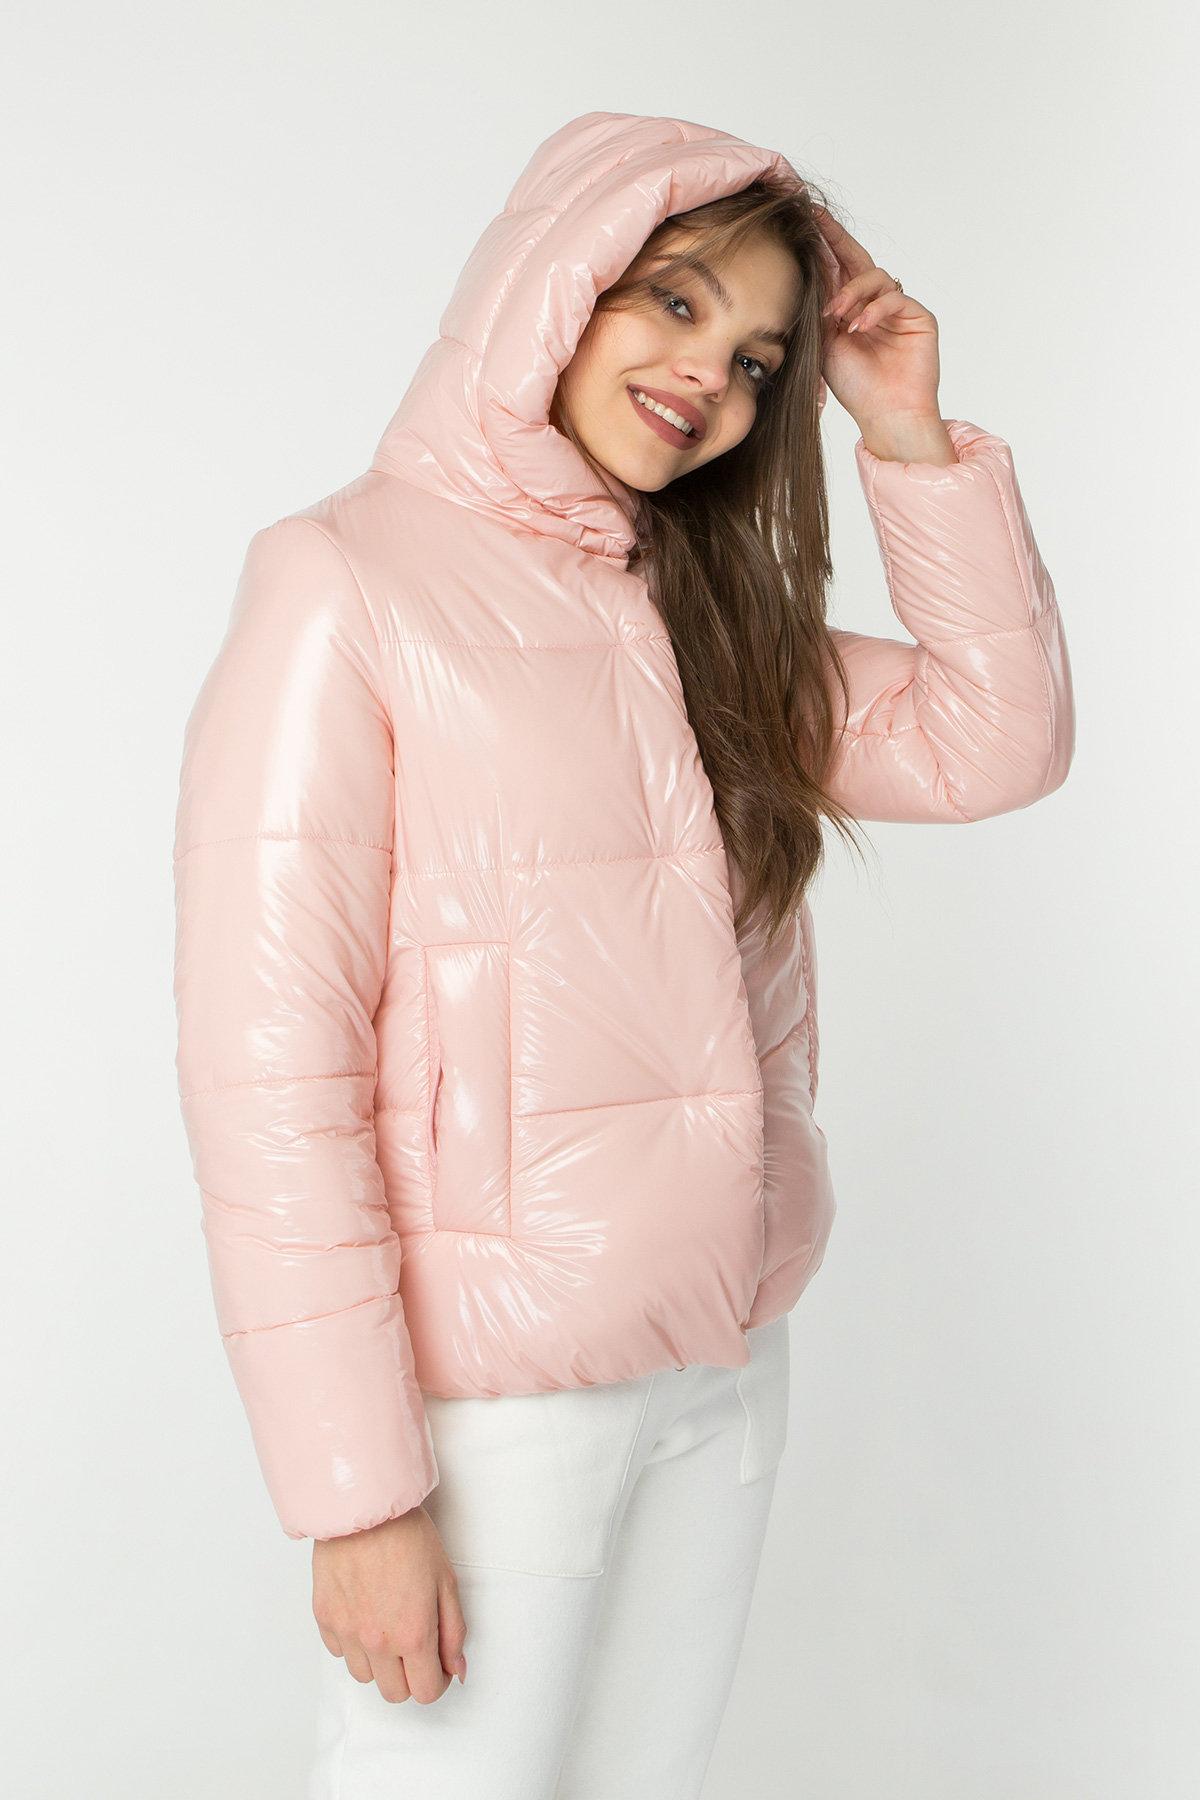 Короткая лаковая куртка Рито 8805 Цвет: Пудра